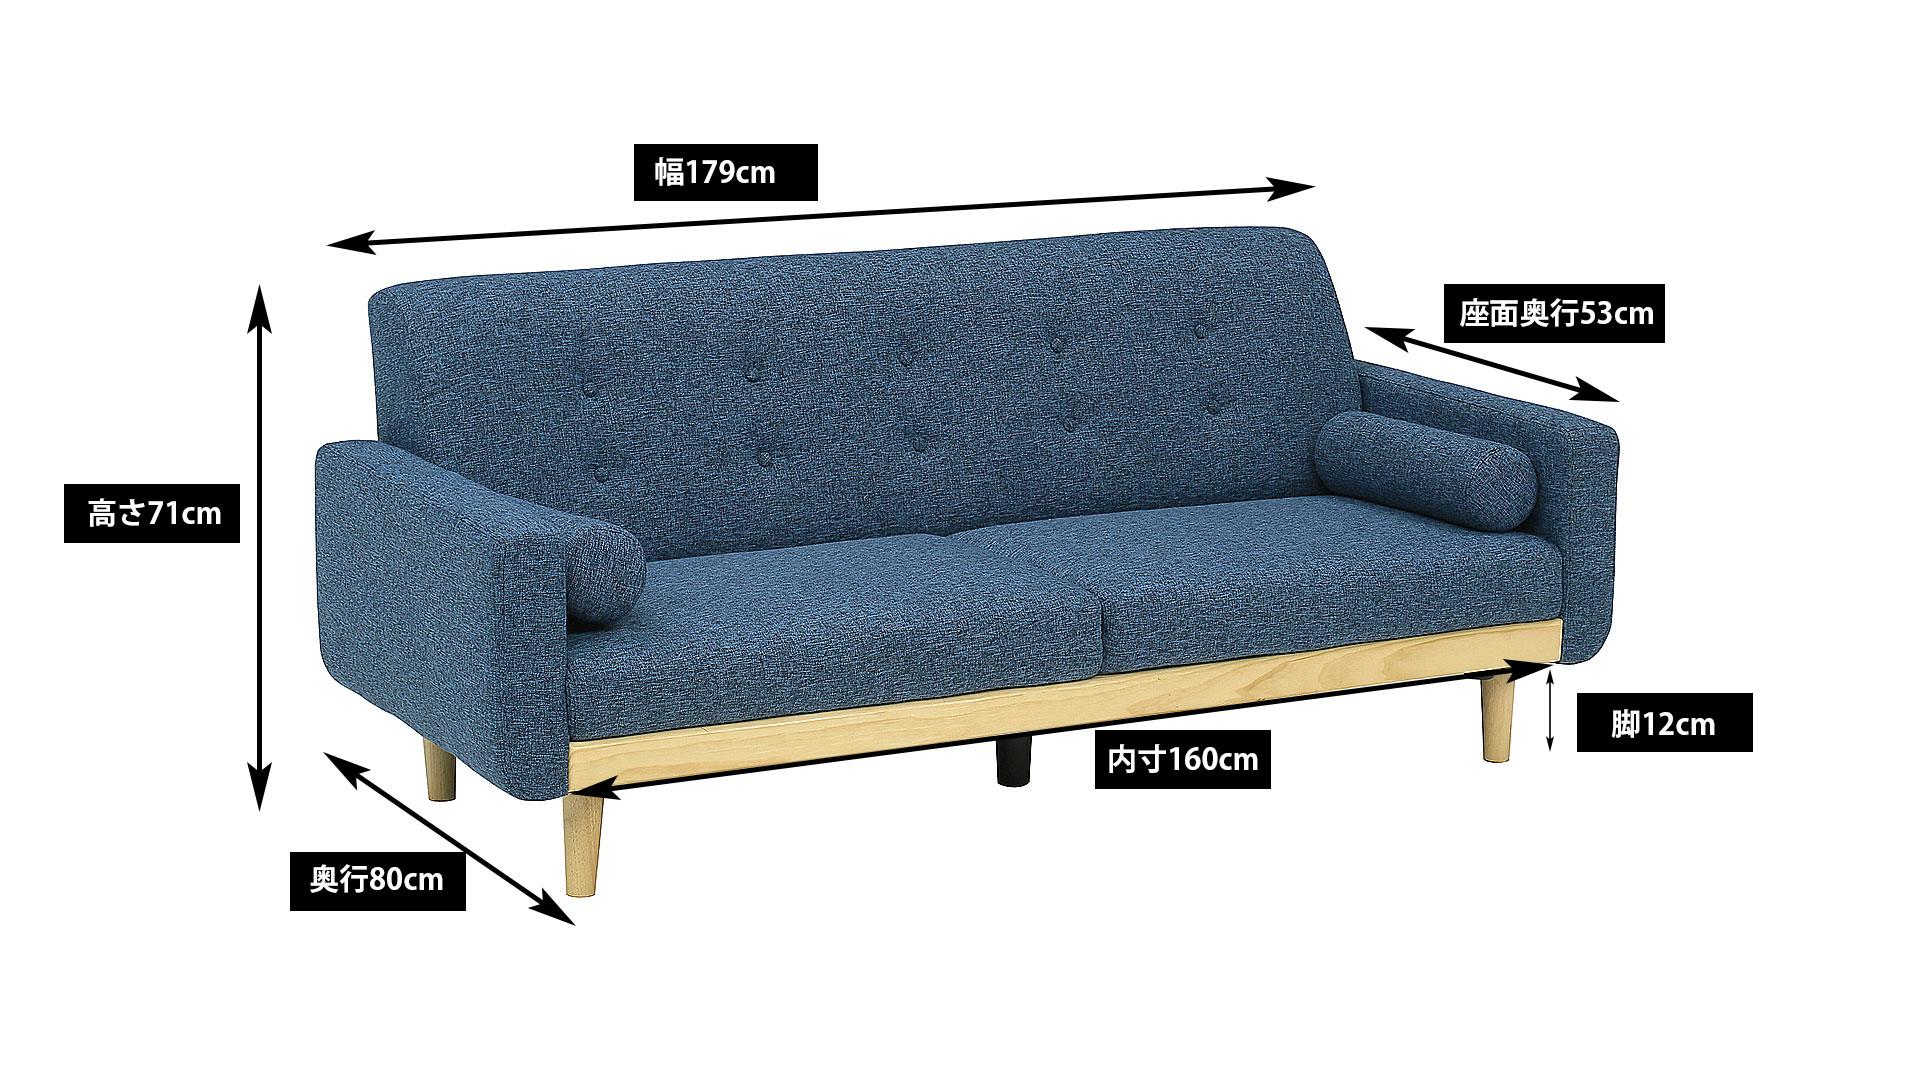 リビンズのソファ「アンジェリカ」のサイズの画像